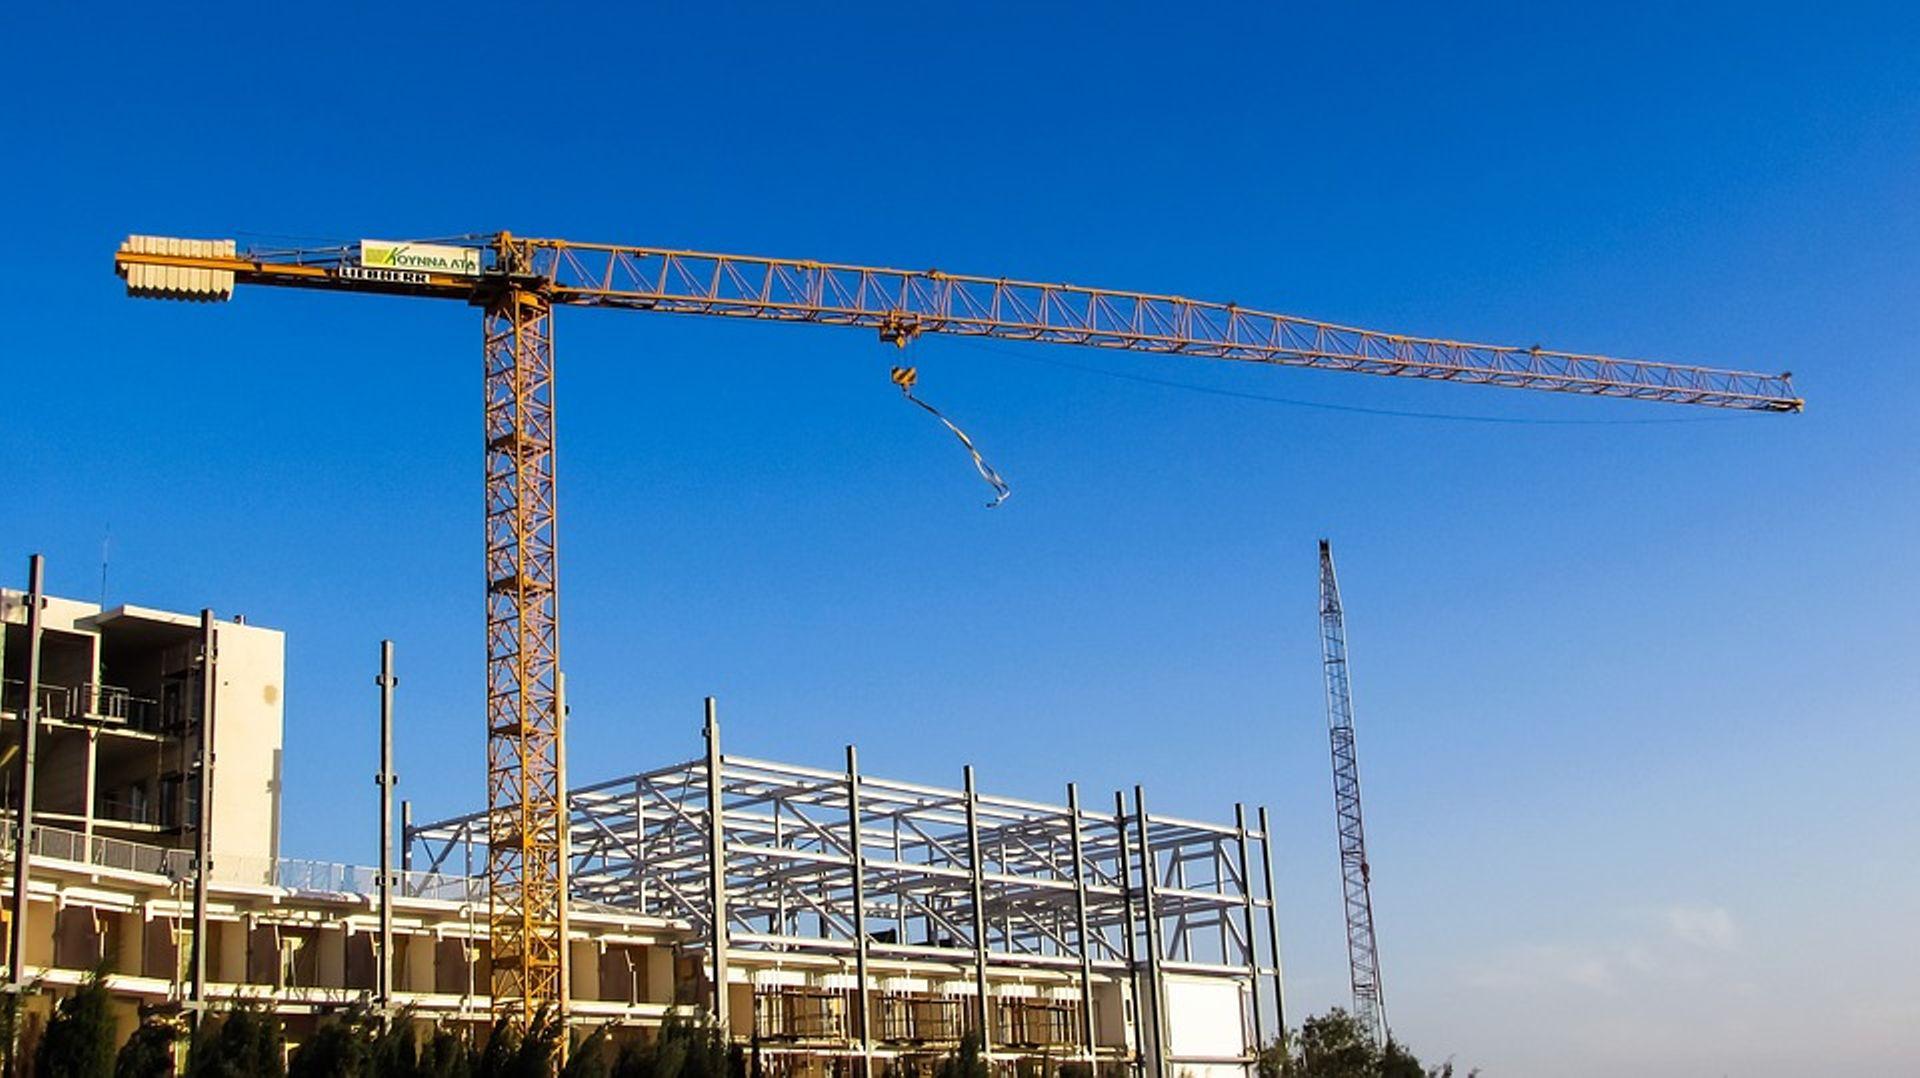 [śląskie] Pol-Technology zainwestuje 25 mln zł w budowę fabryki w Sosnowcu